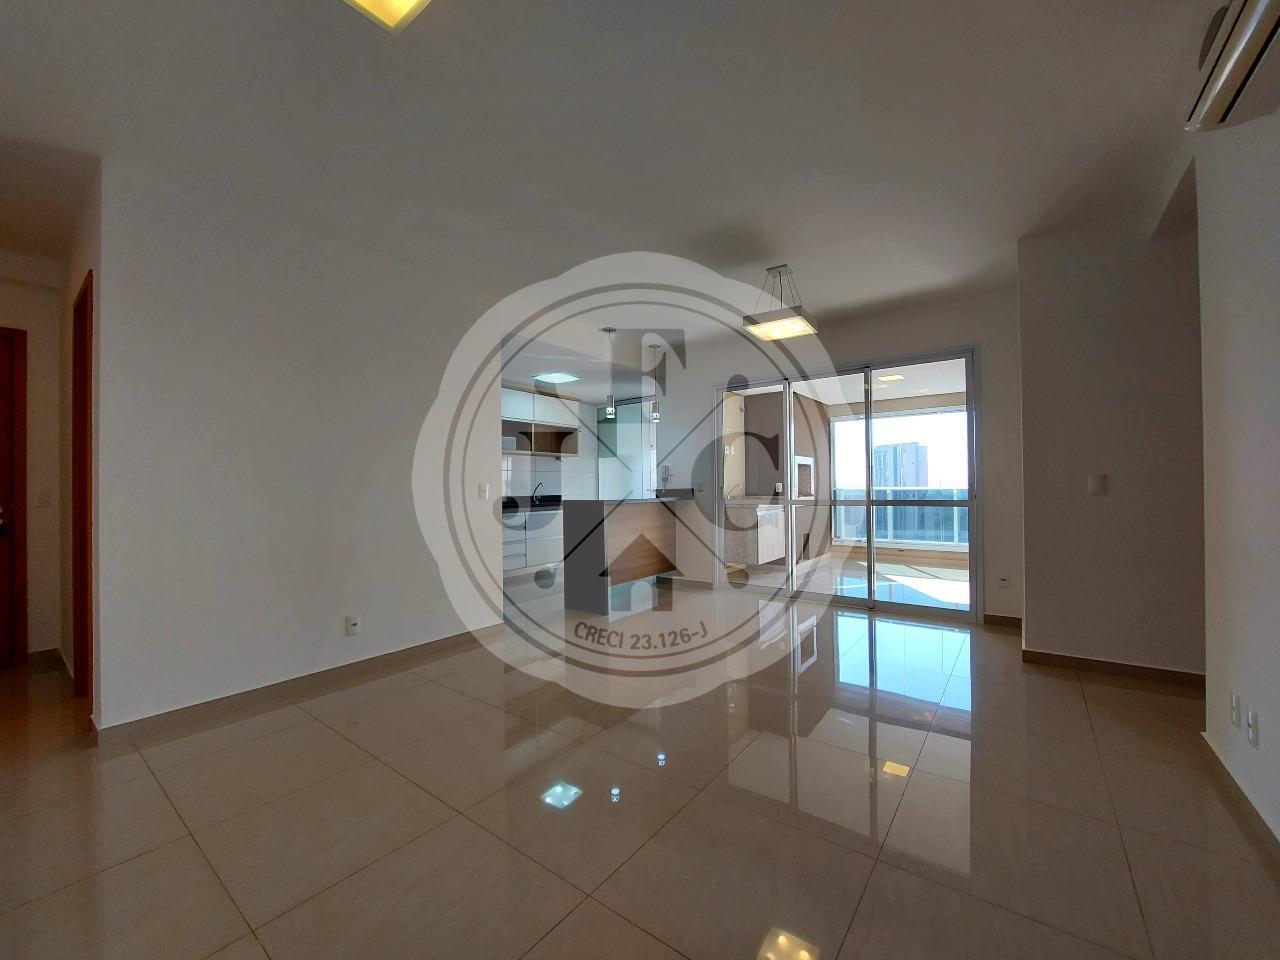 Apartamento para aluguel no Bosque das Juritis: Living 2 ambientes